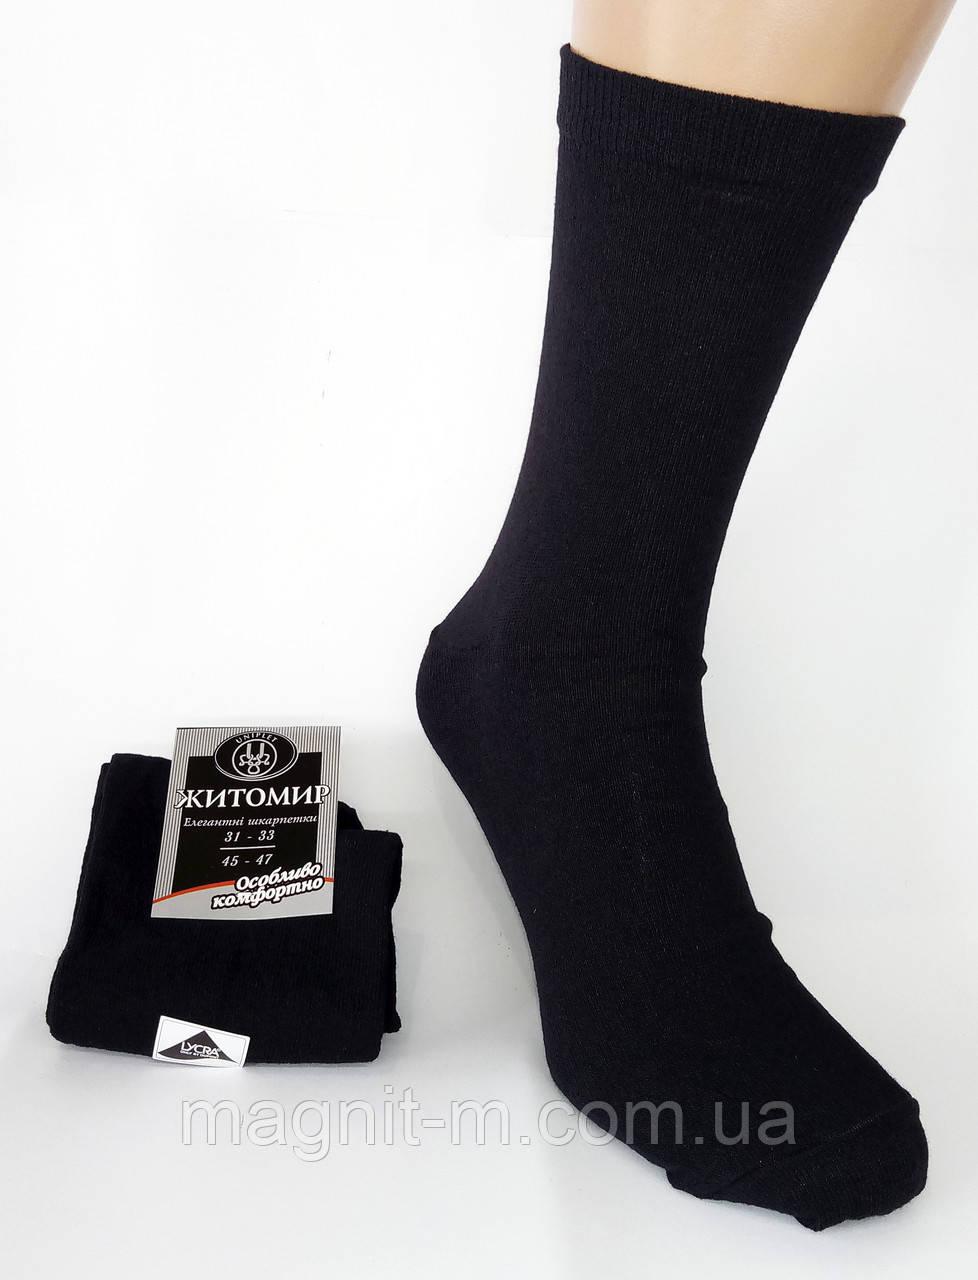 Мужские носки Житомир на большую ногу. Р-р 45-47. Однотонные. Черные.